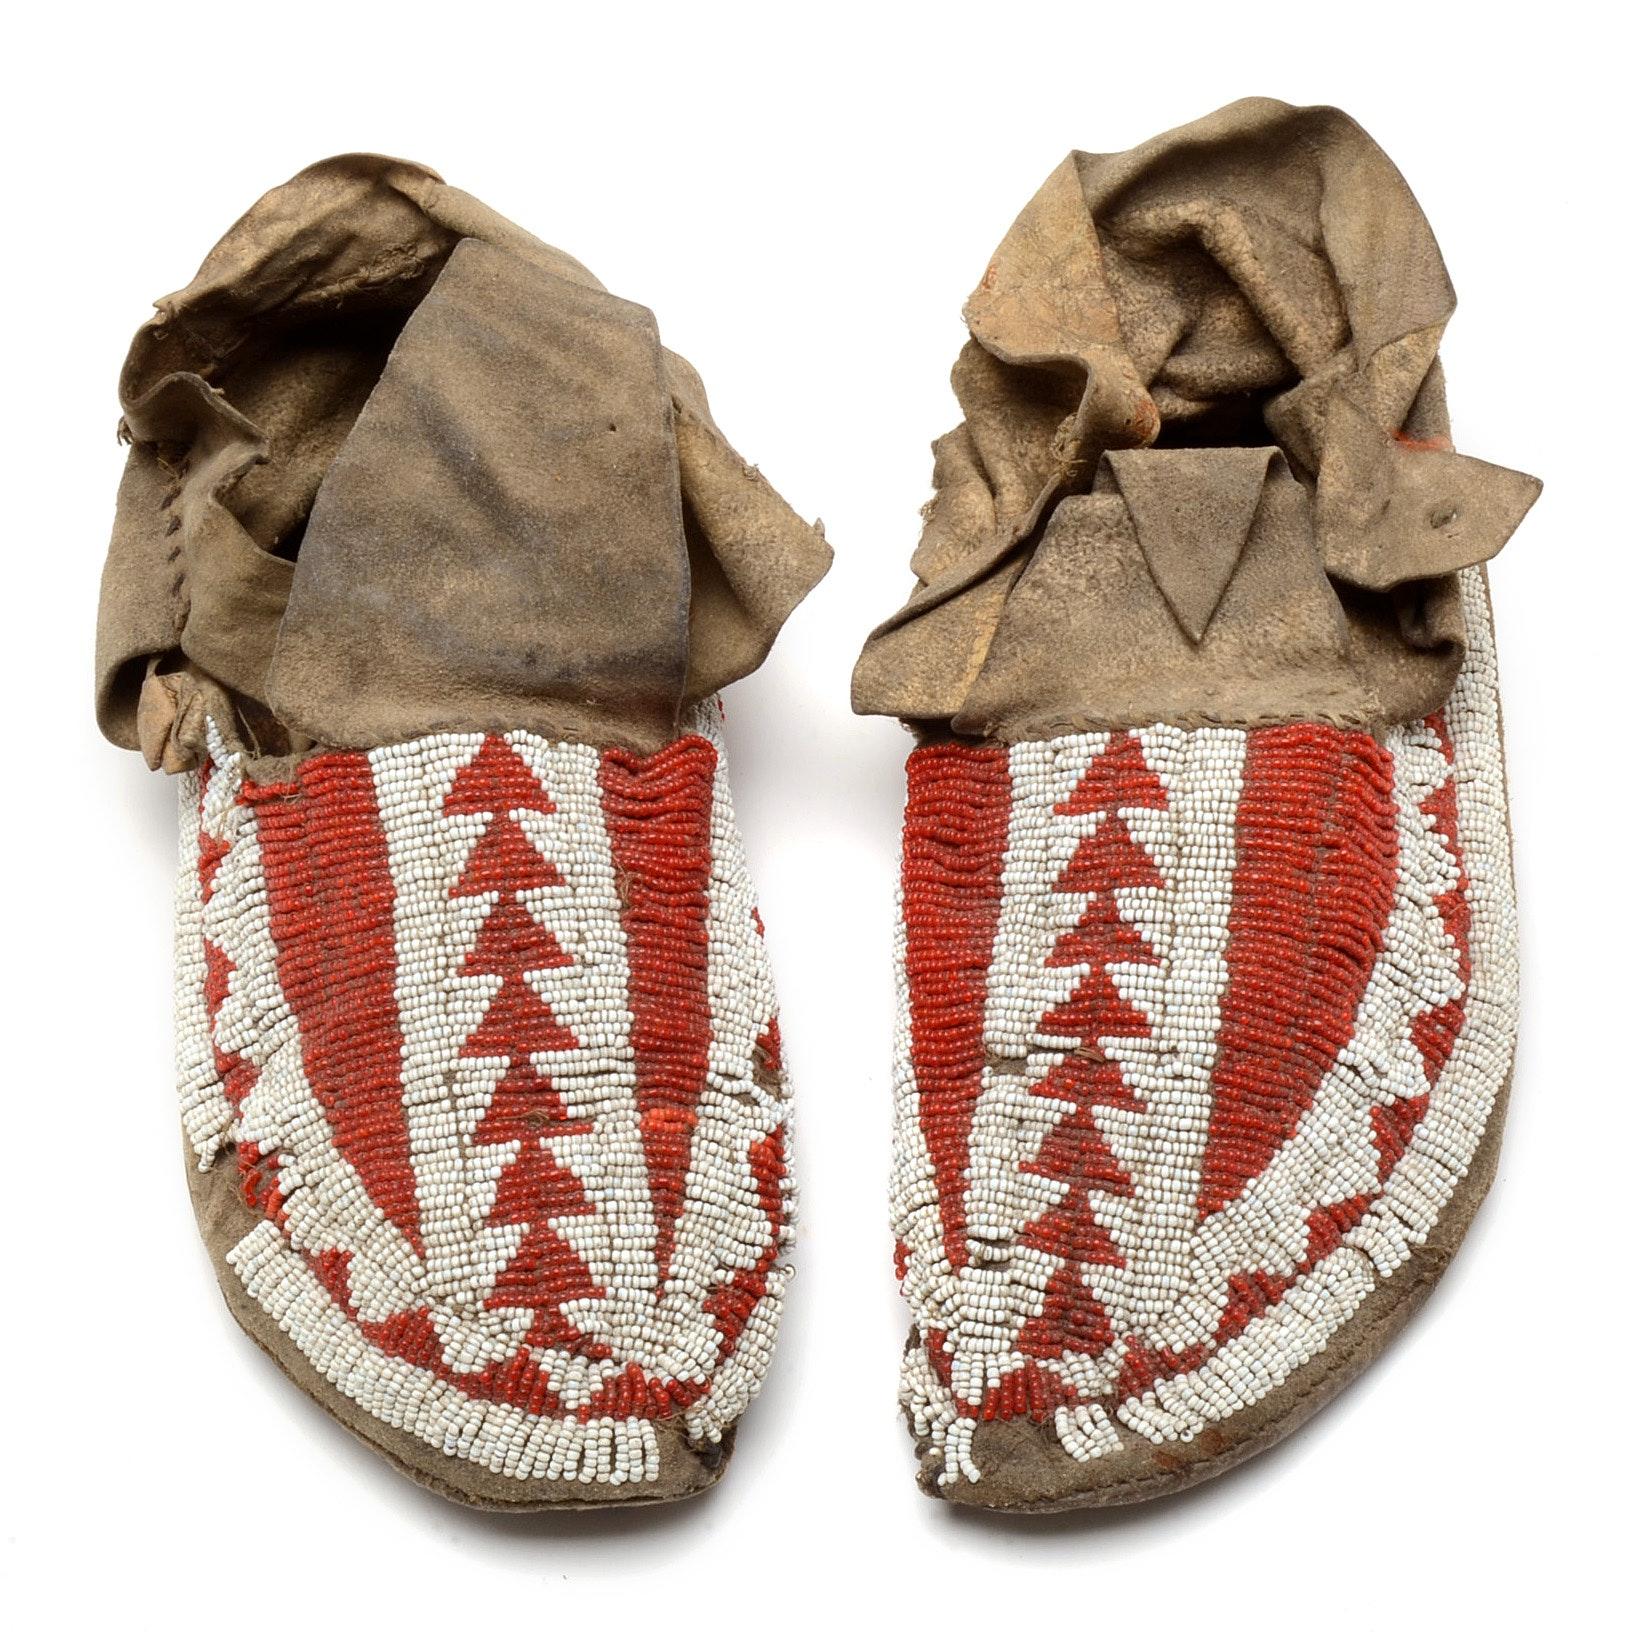 Antique Sioux Moccasins